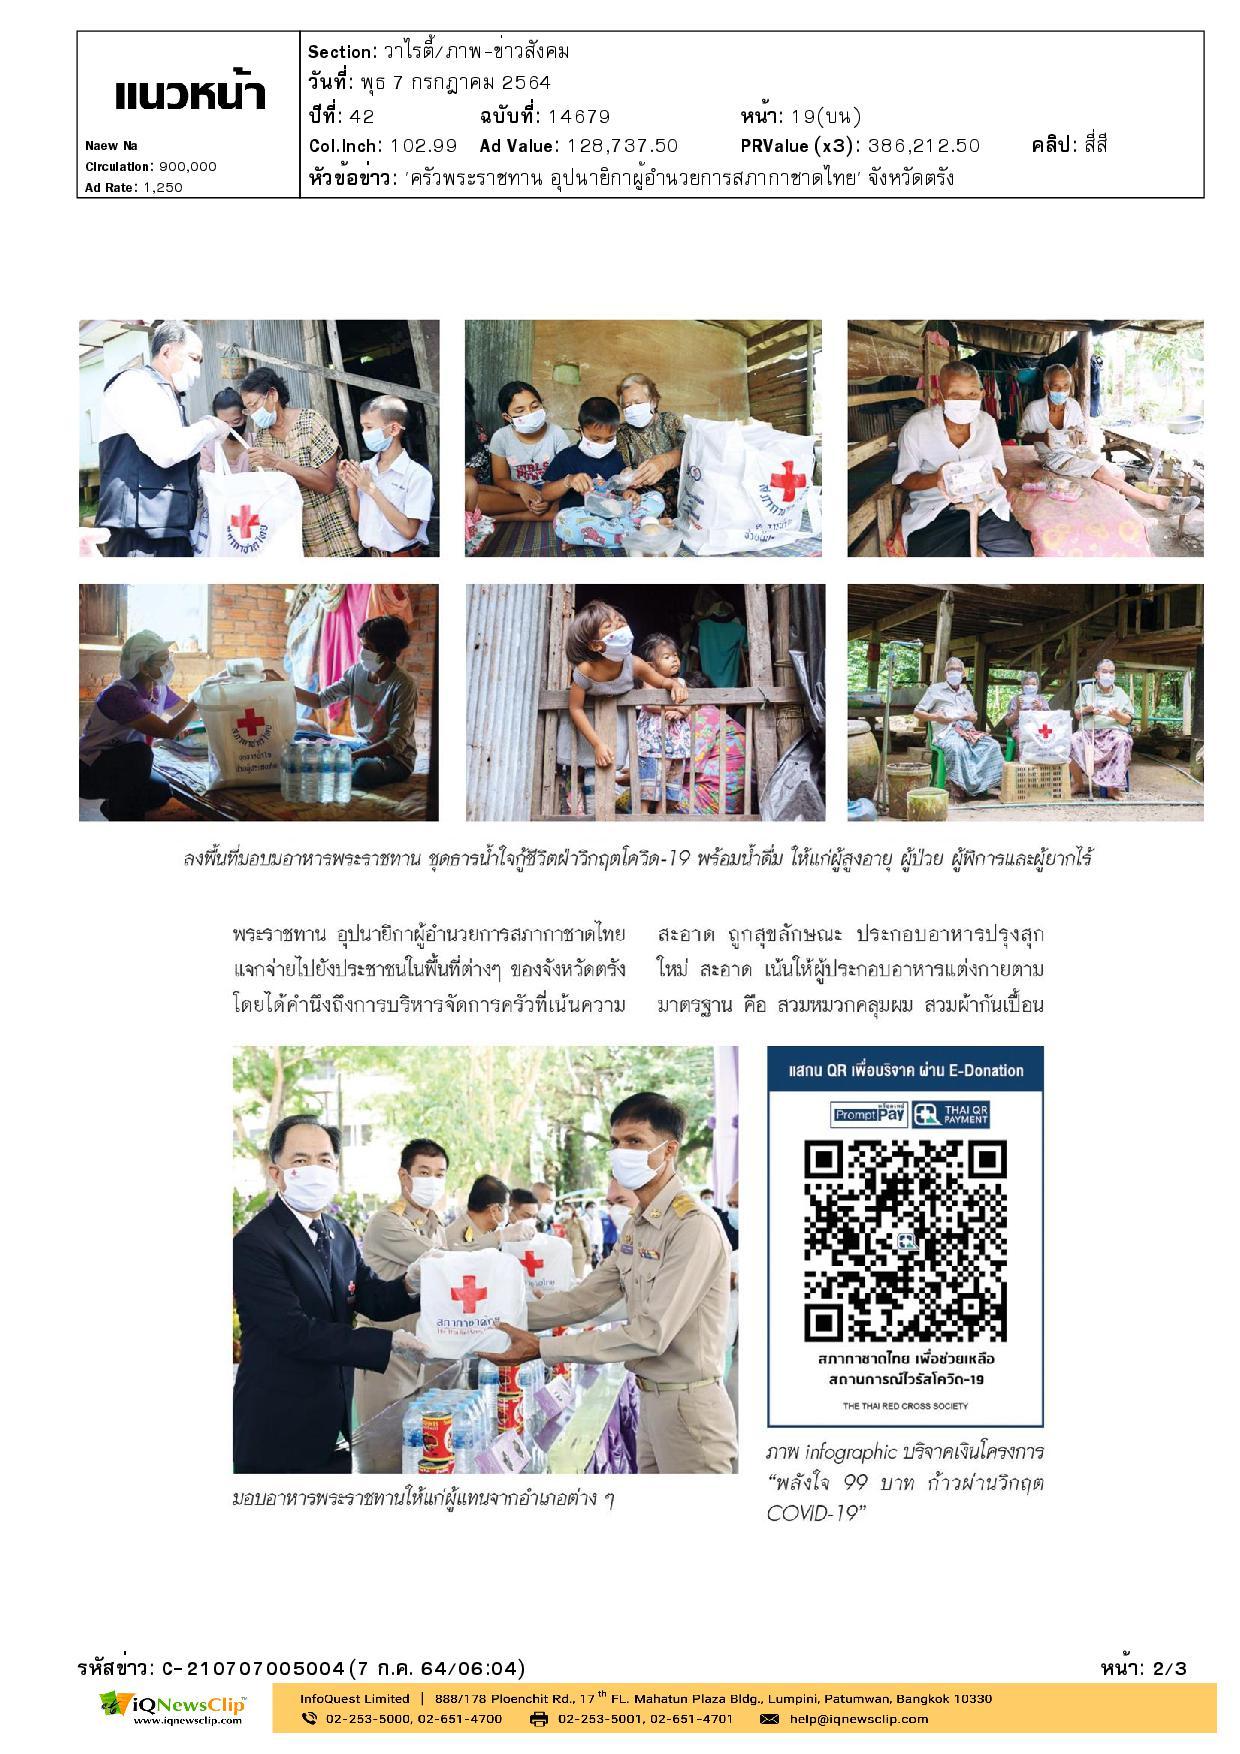 ครัวพระราชทาน อุปนายิกาผู้อำนวยการสภากาชาดไทย จังหวัดตรัง